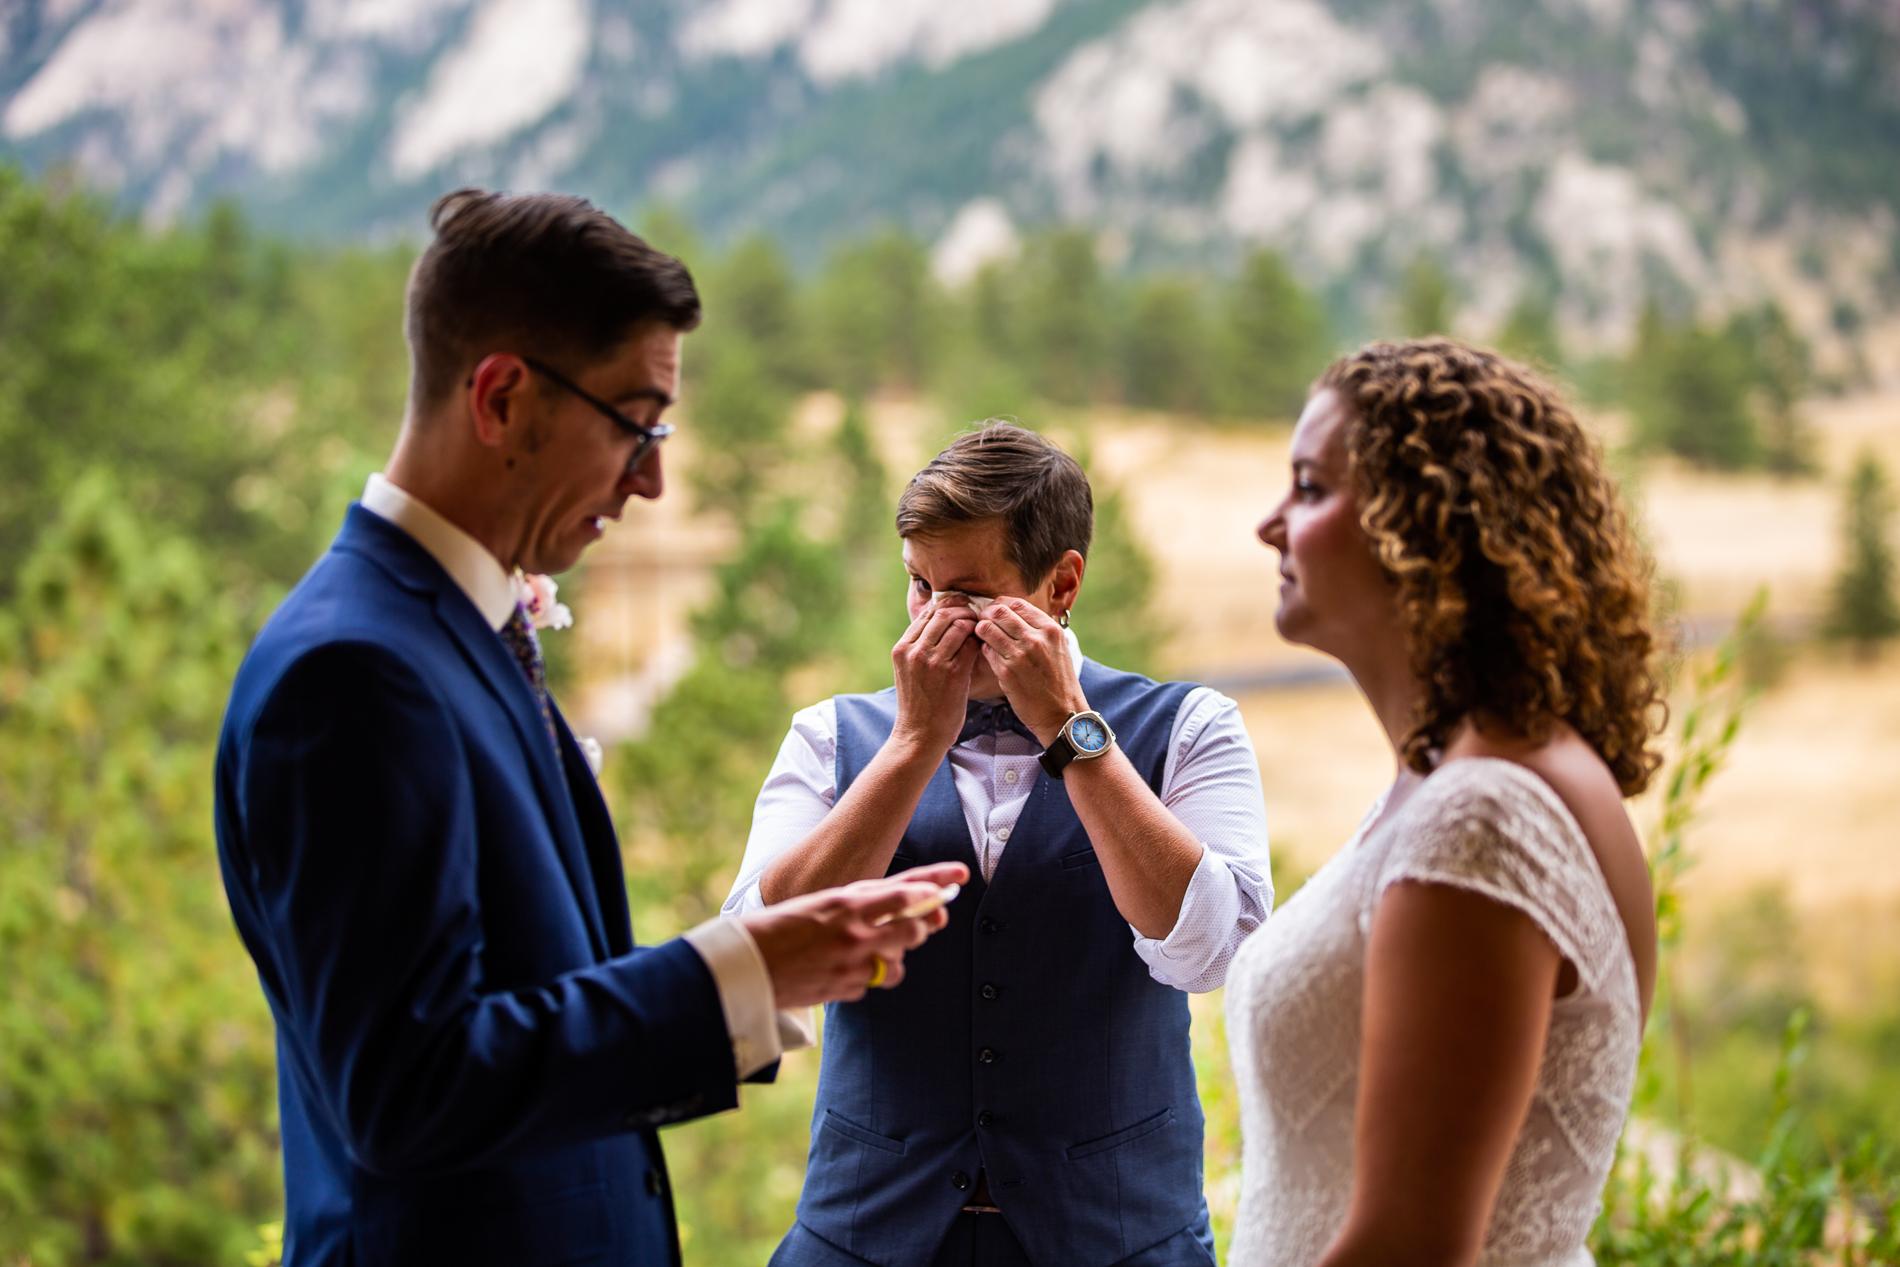 Même le célébrant du mariage en fuite essuyait les larmes des messages d'amour sincères que le couple partageait dans les montagnes à Black Canyon Inn, Estes Park Colorado, États-Unis.